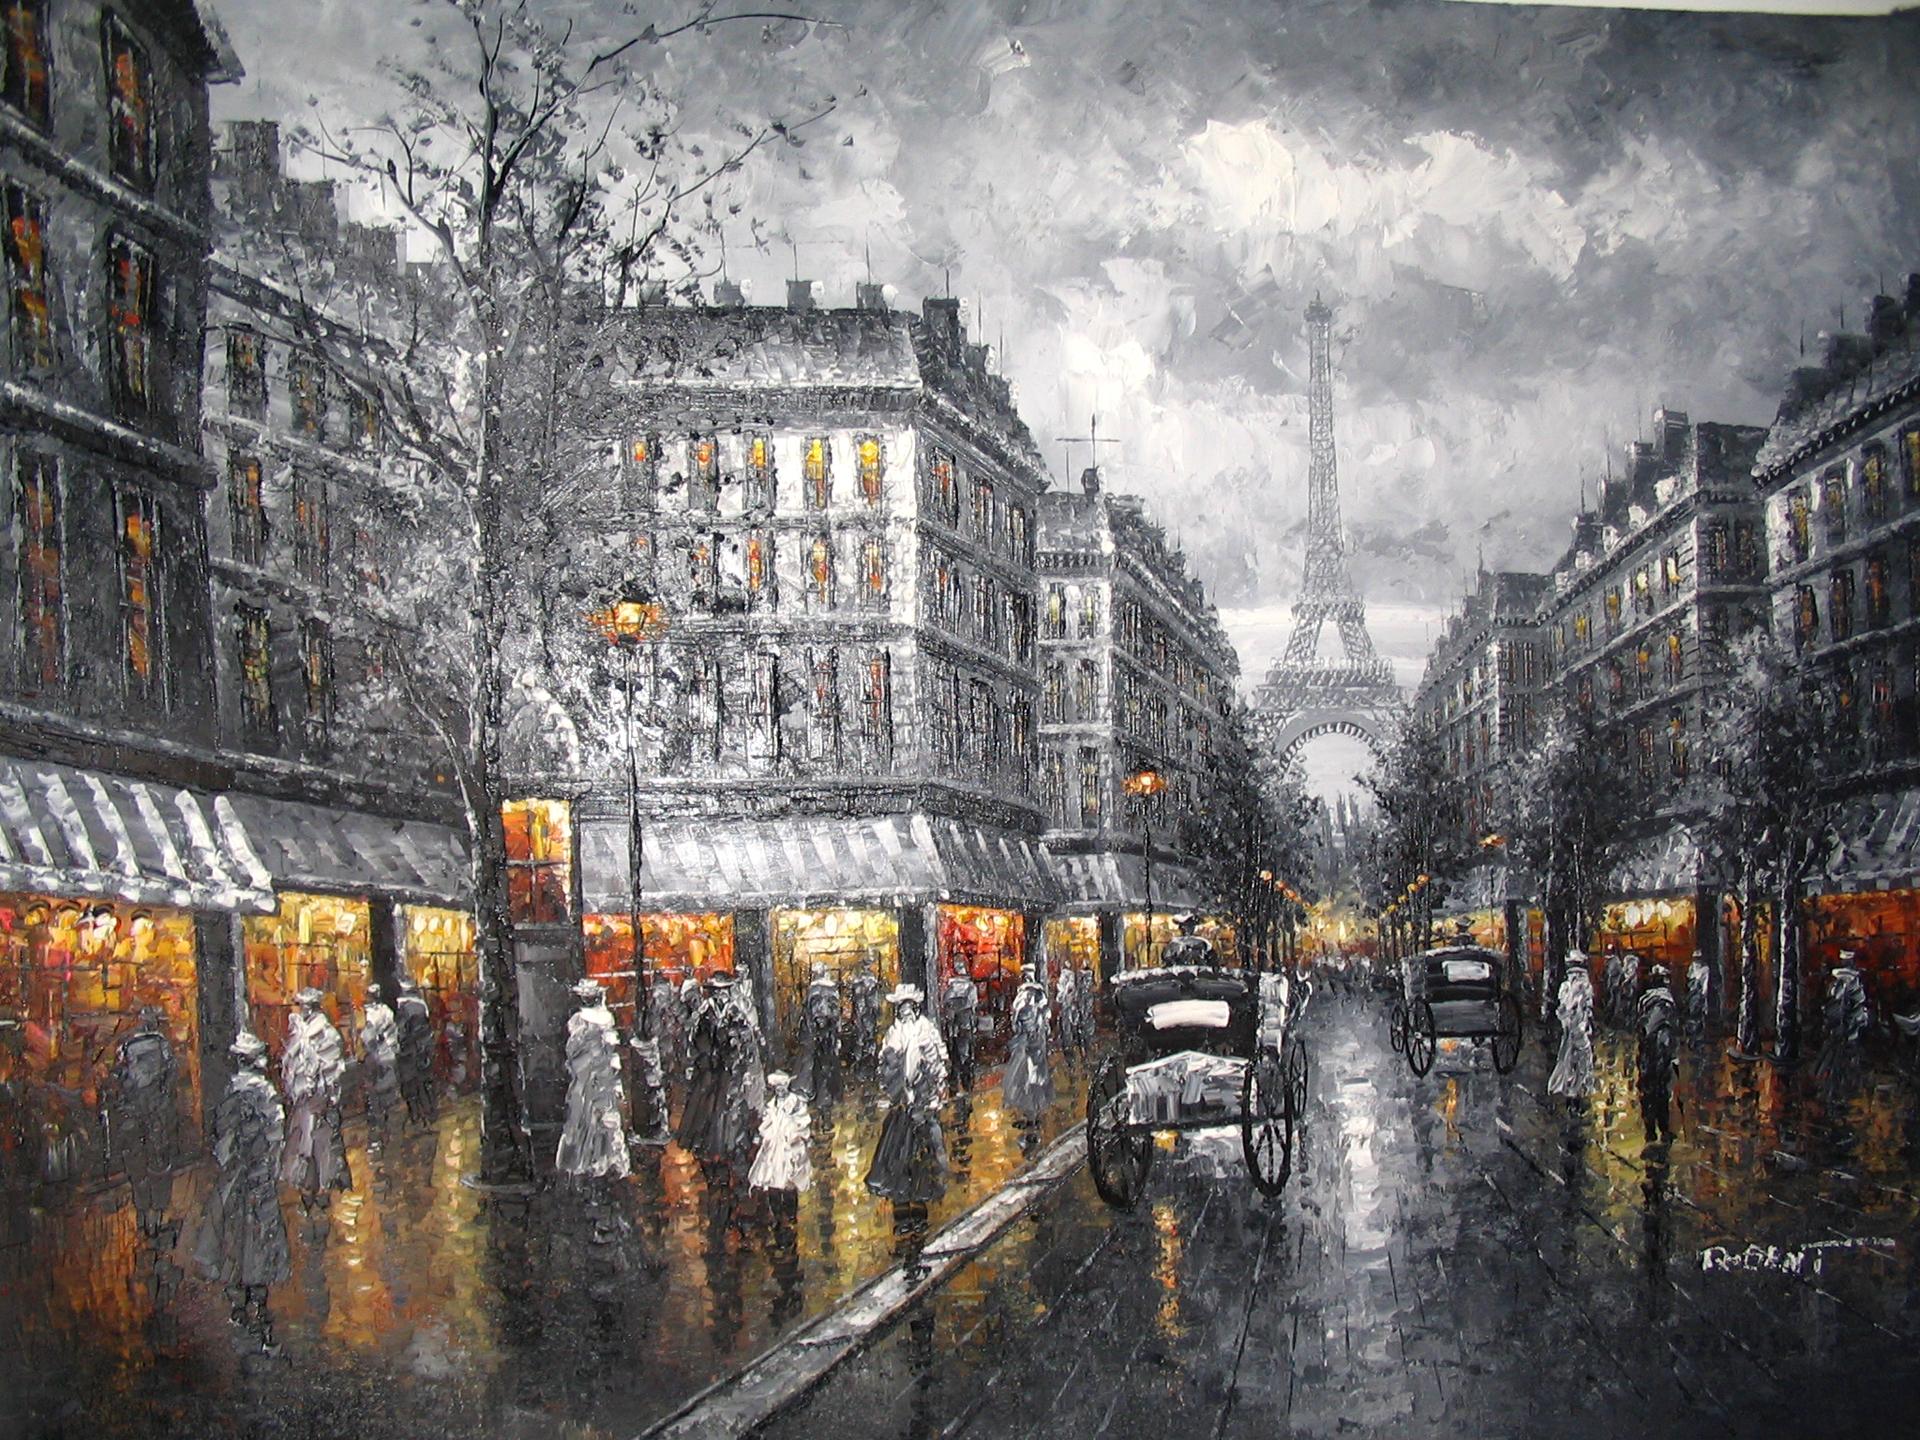 дождь на улице картинка для печати джеймс